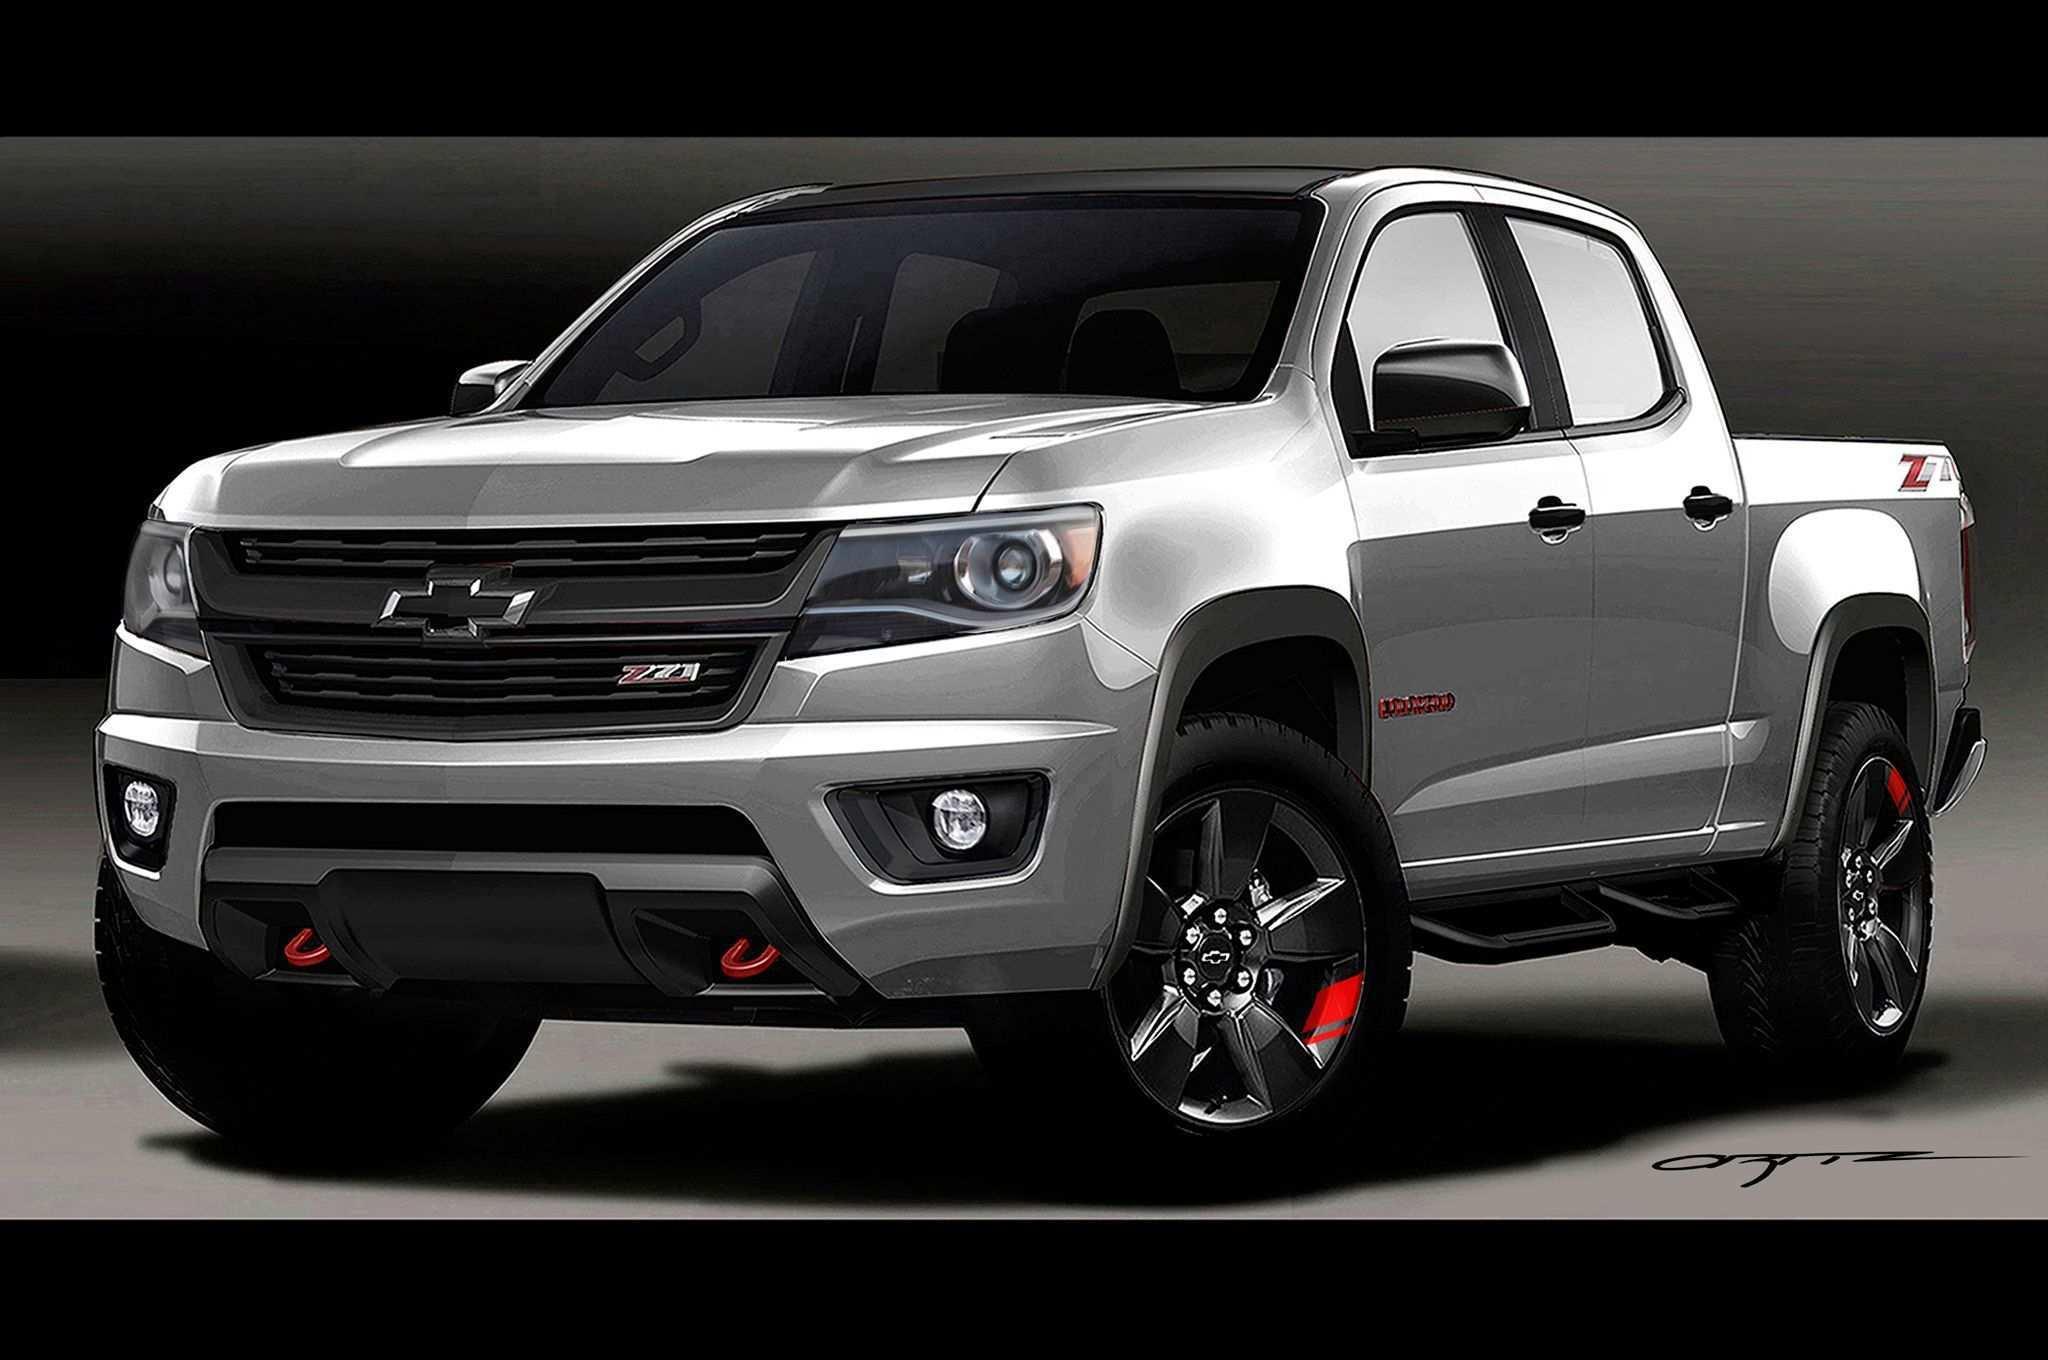 75 Great Chevrolet Colorado 2020 Images with Chevrolet Colorado 2020